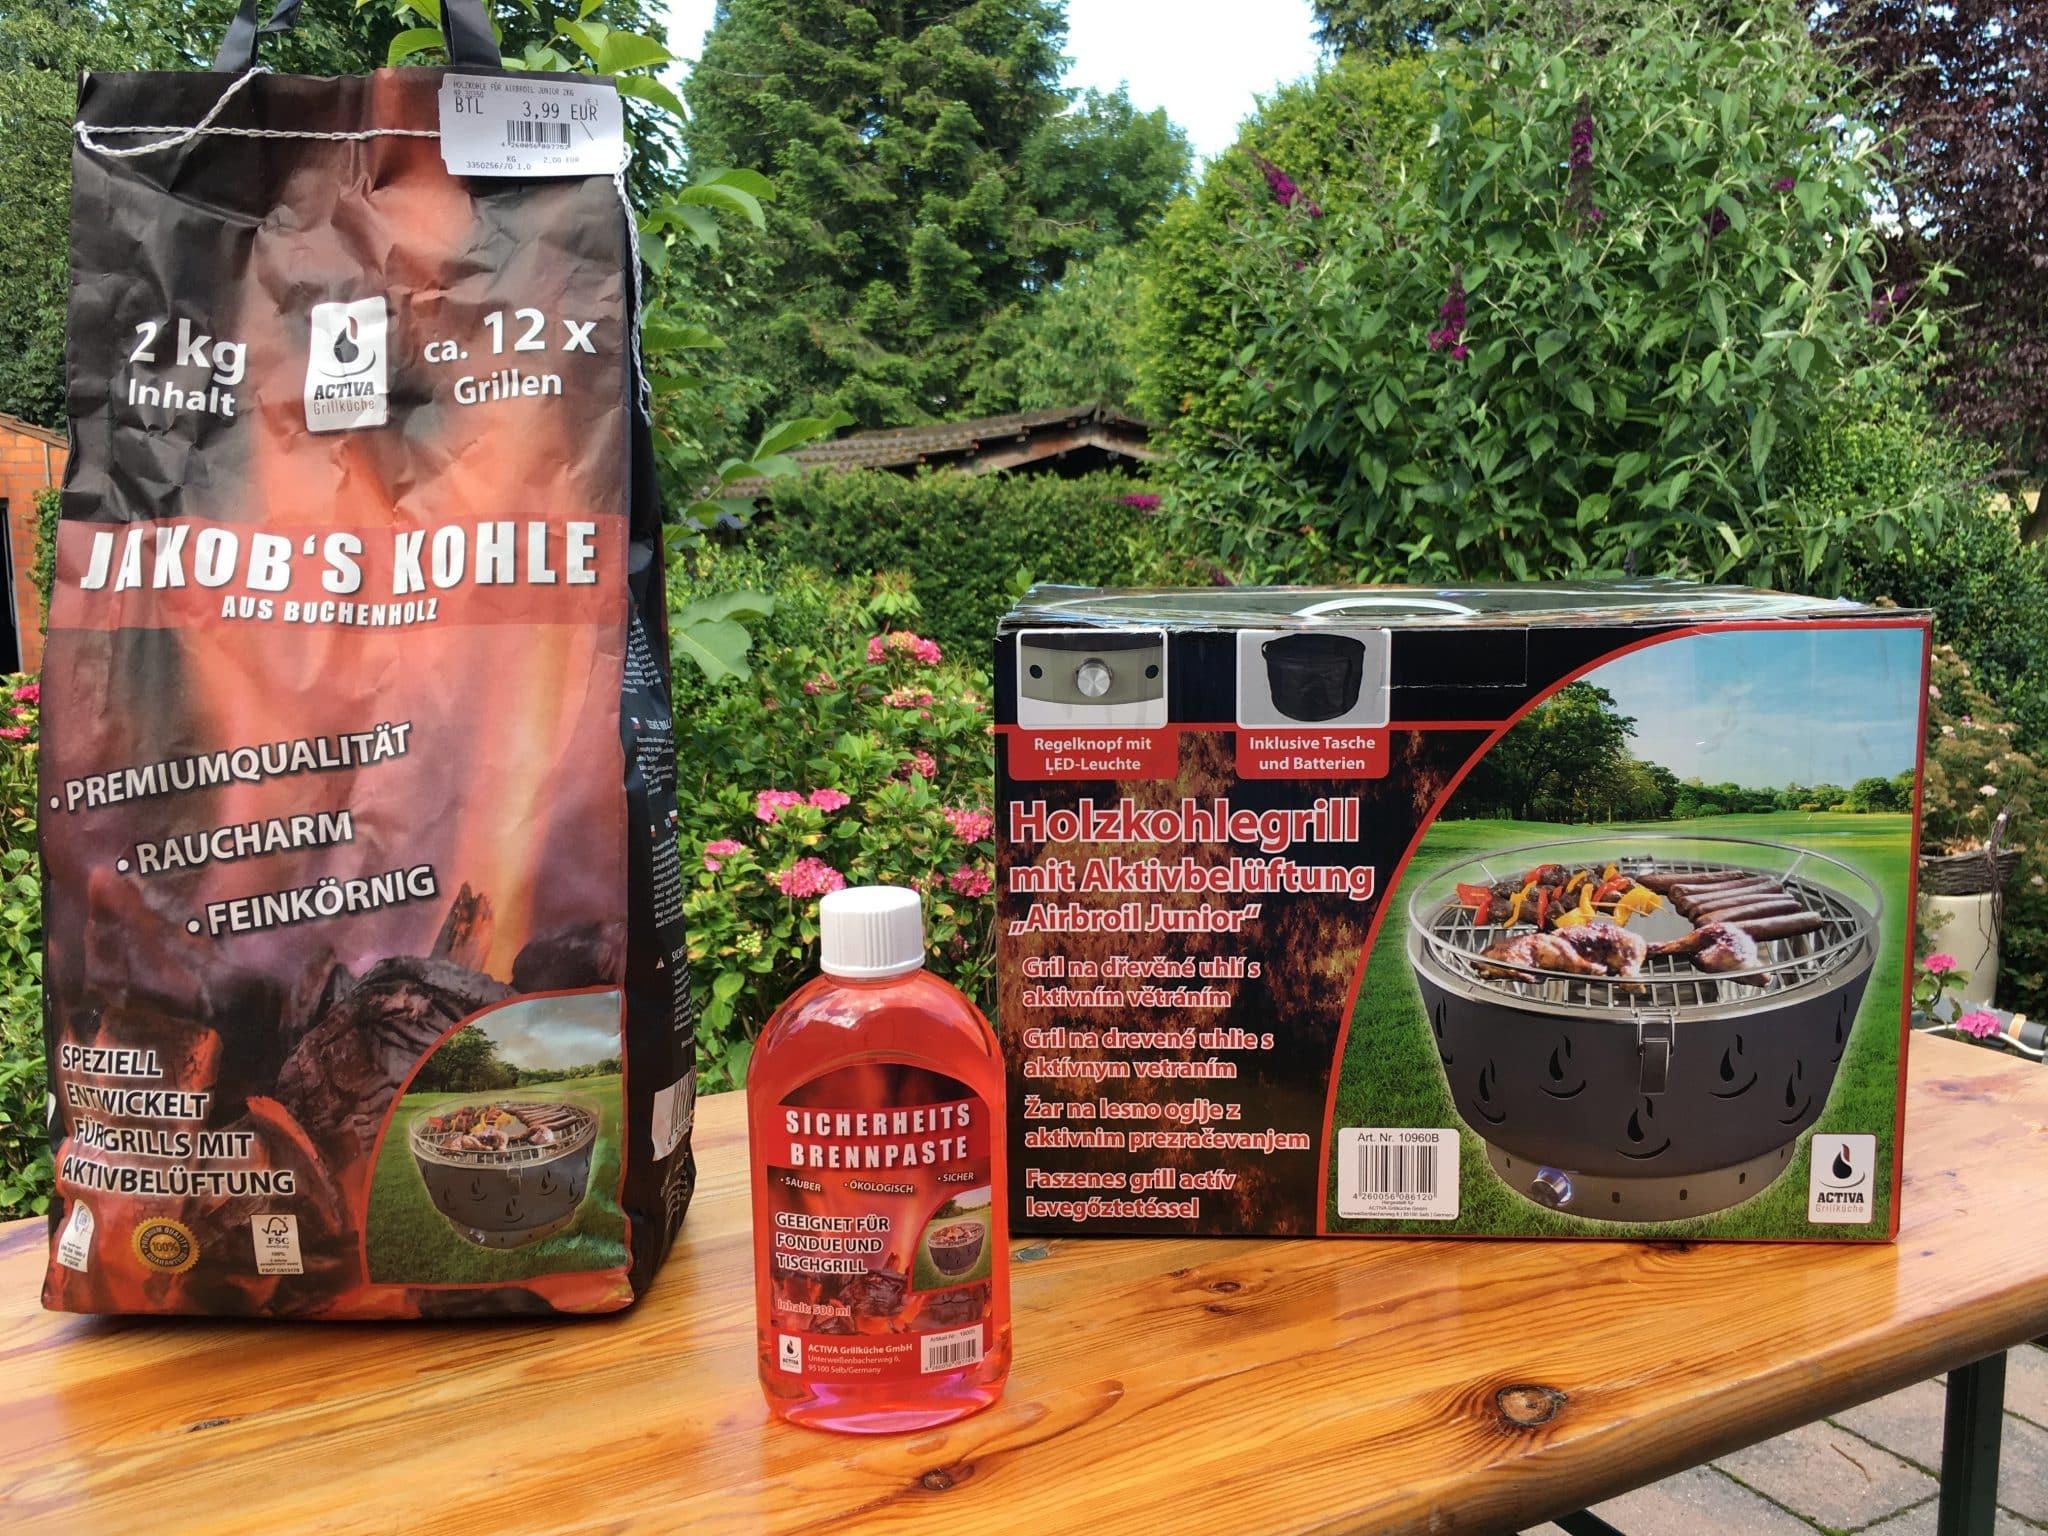 Activa Holzkohlegrill Mit Aktivbelüftung : Holzkohlegrill mit aktivbelüftung hopmann garten und freizeitmarkt